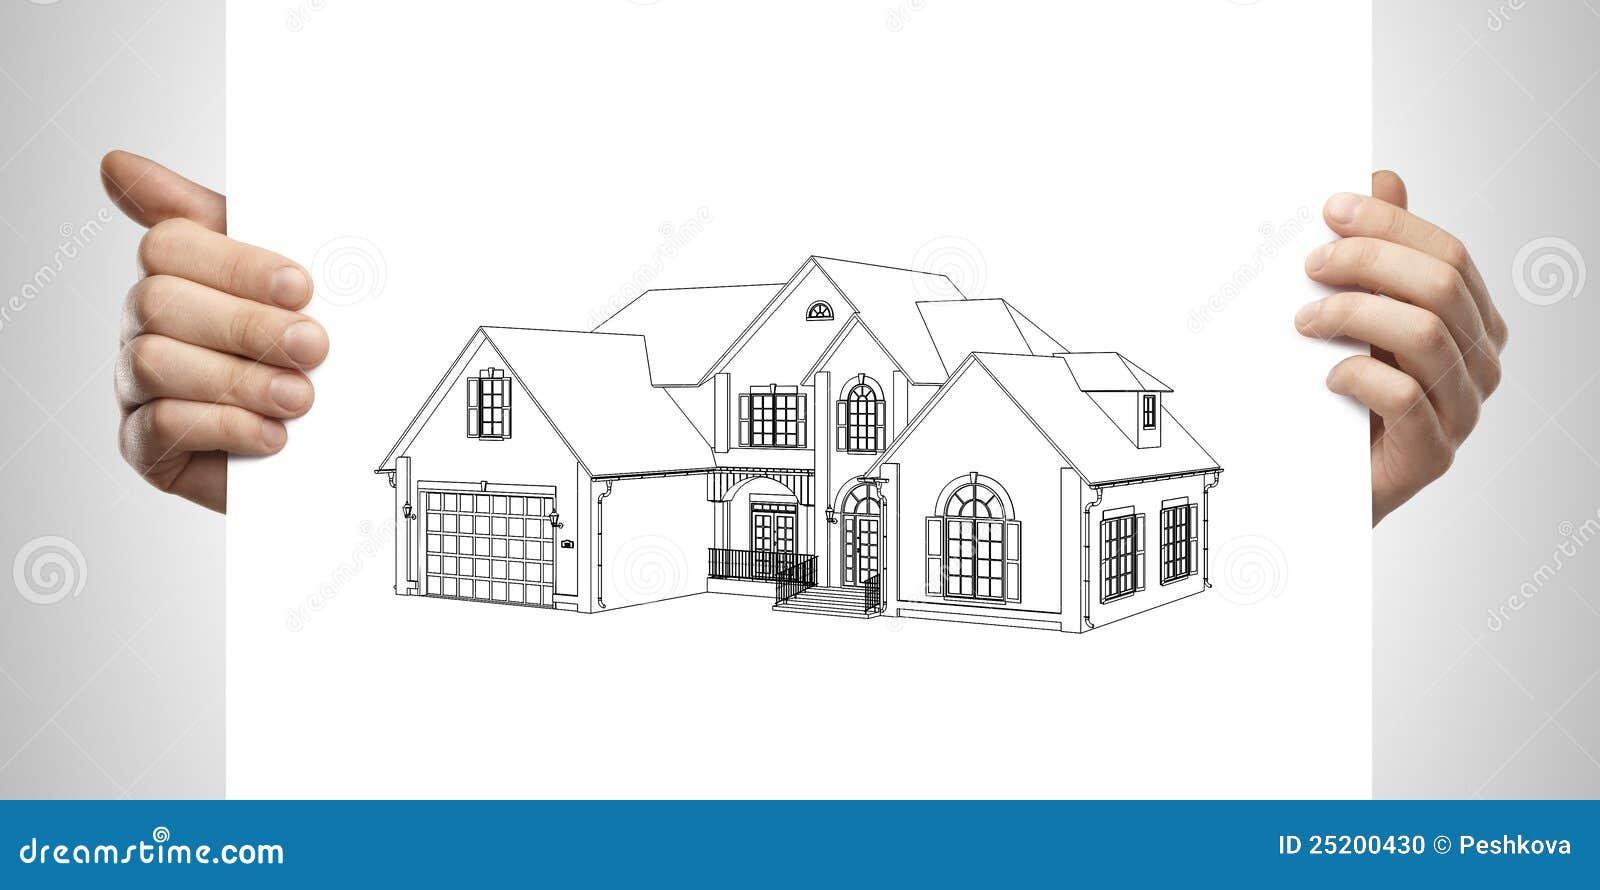 Casa de campo do desenho disponivel foto de stock imagem - Fotos de casa de campo ...